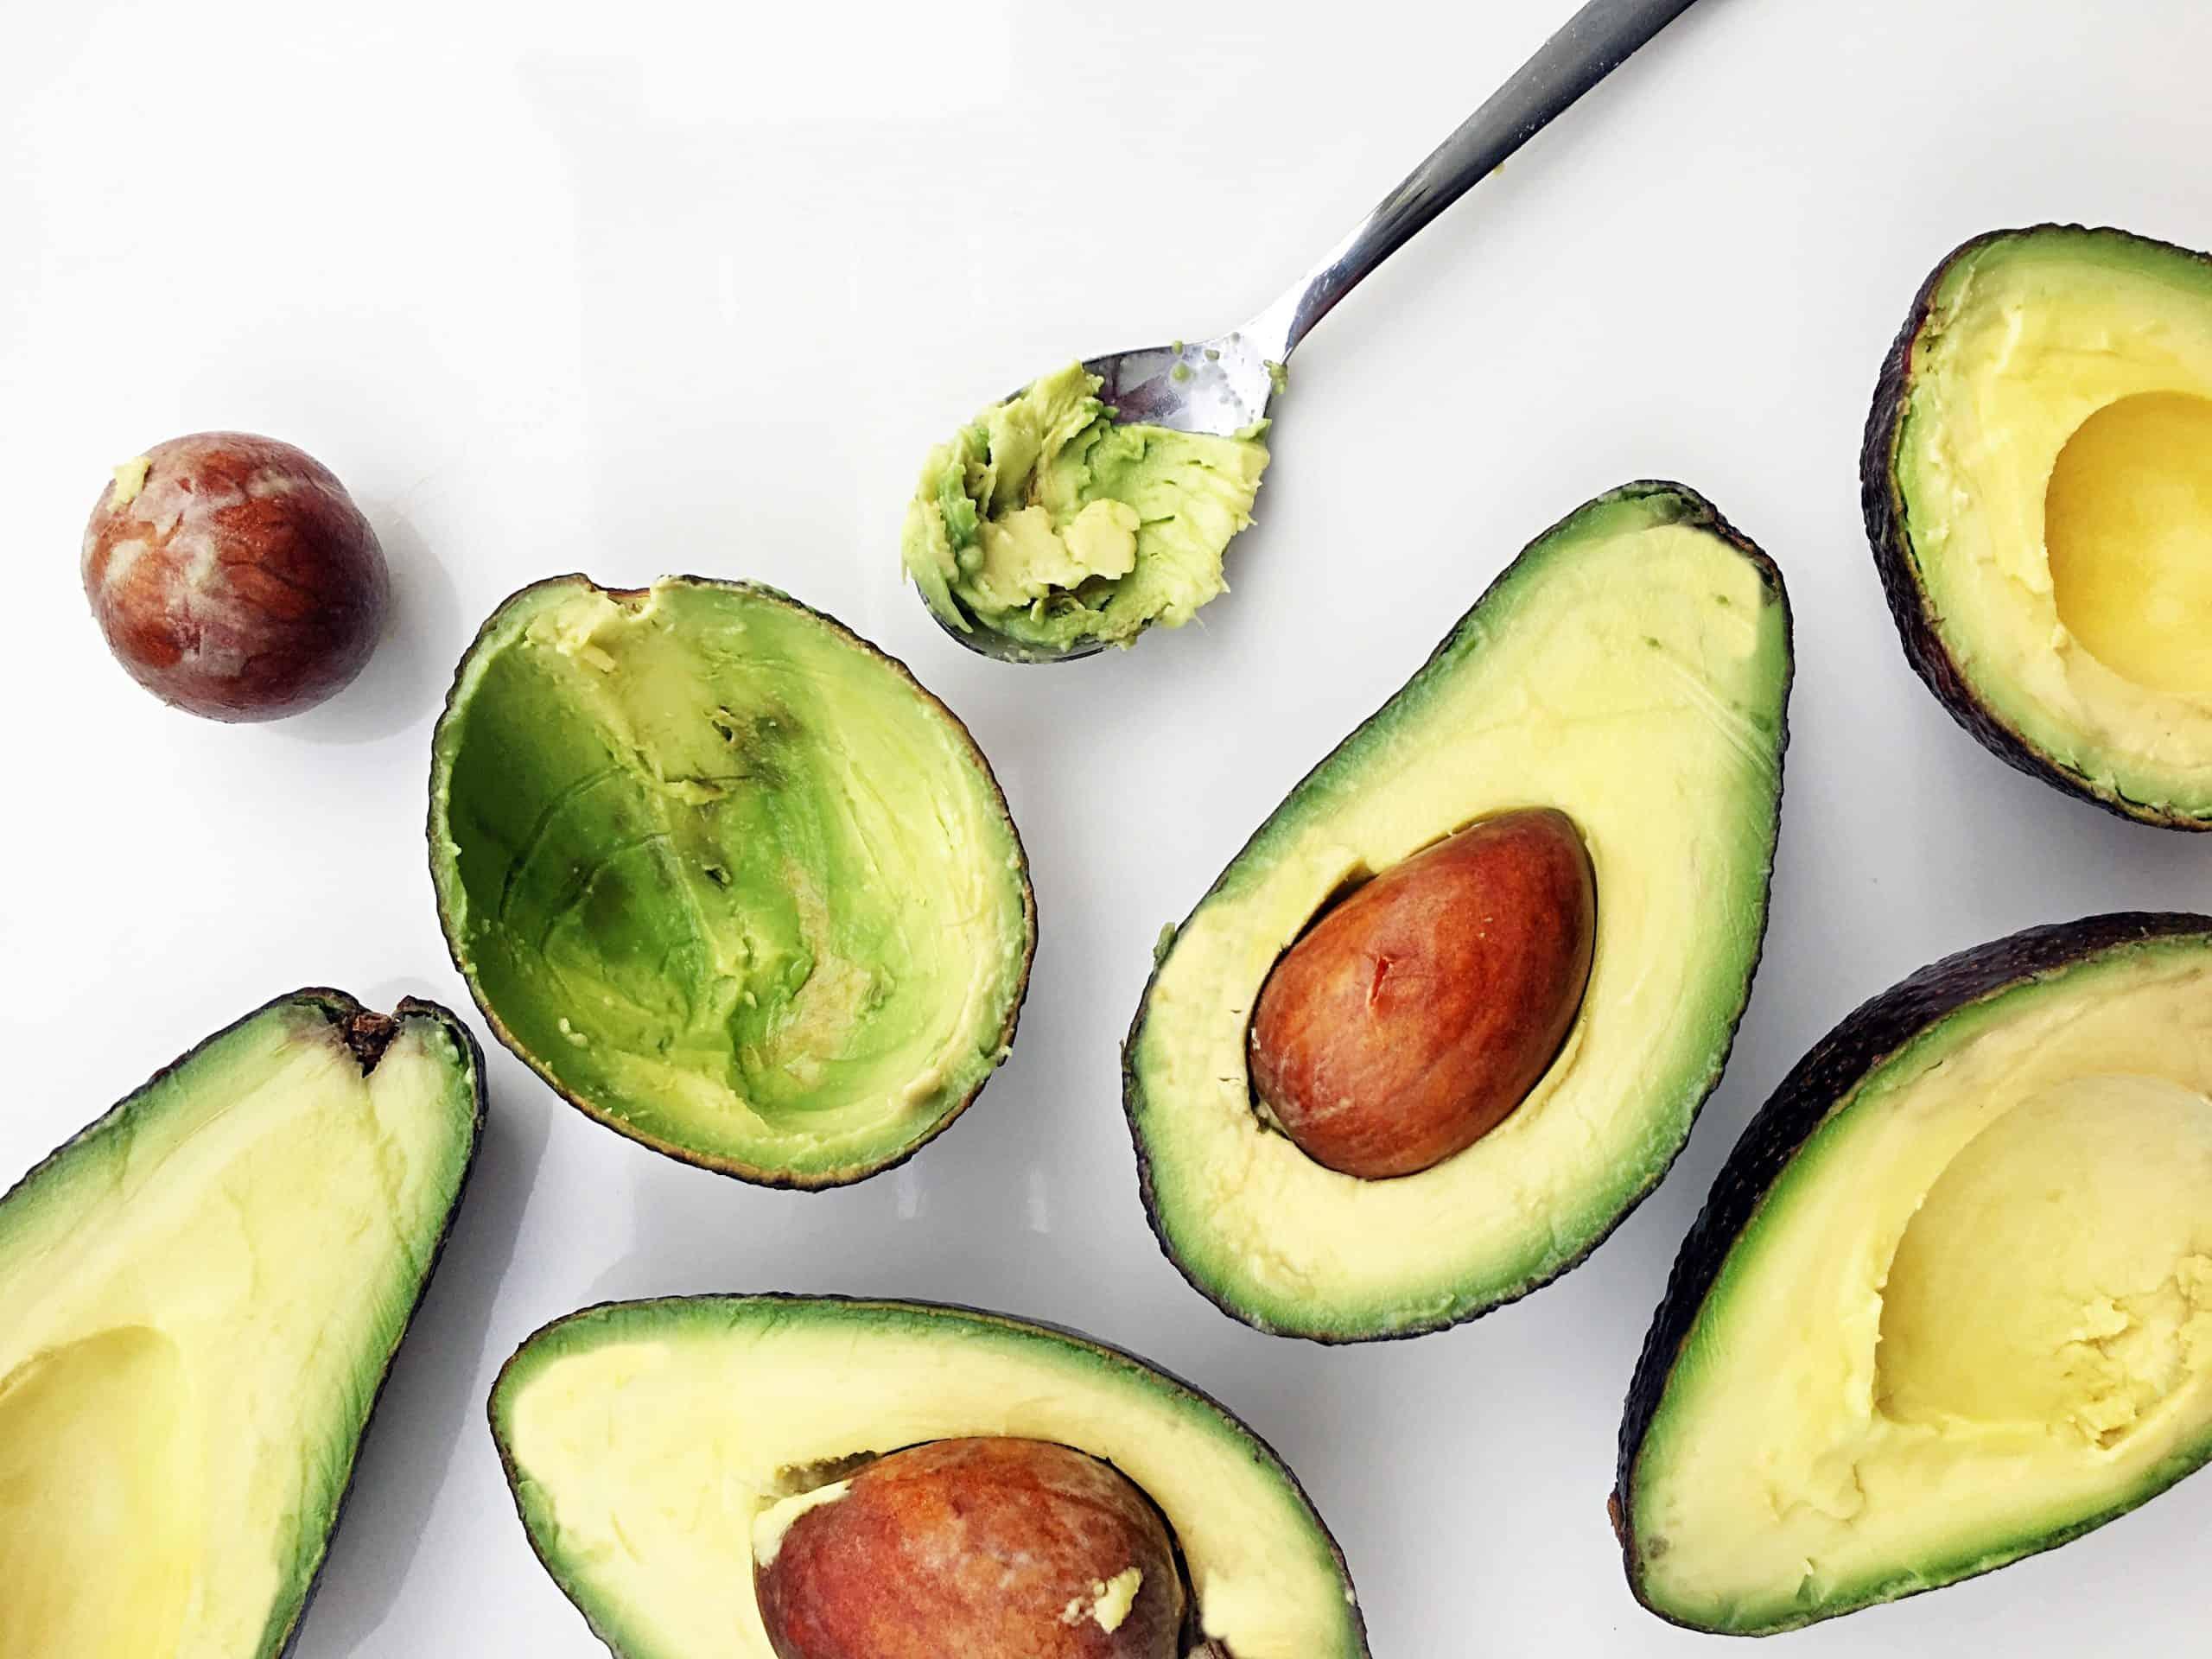 Chuyên gia khuyến cáo 9 thực phẩm tốt cho sức khỏe sinh sản